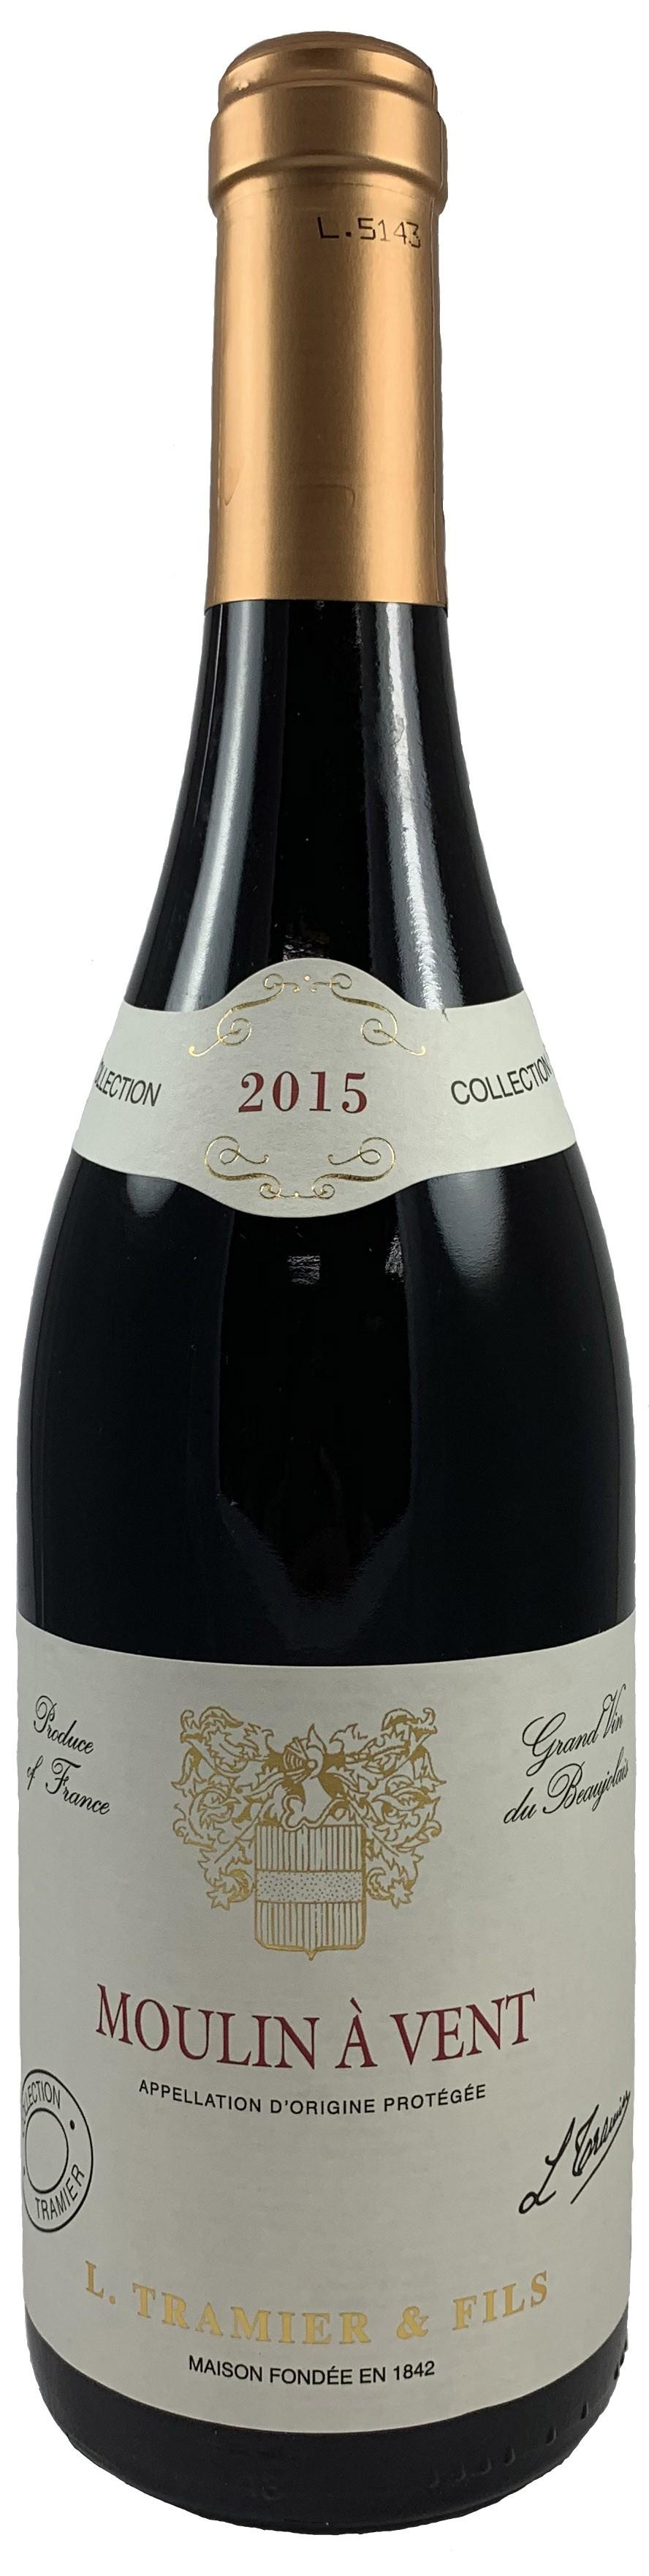 法國 鉈尼酒莊 風車產區 特級紅葡萄酒2015